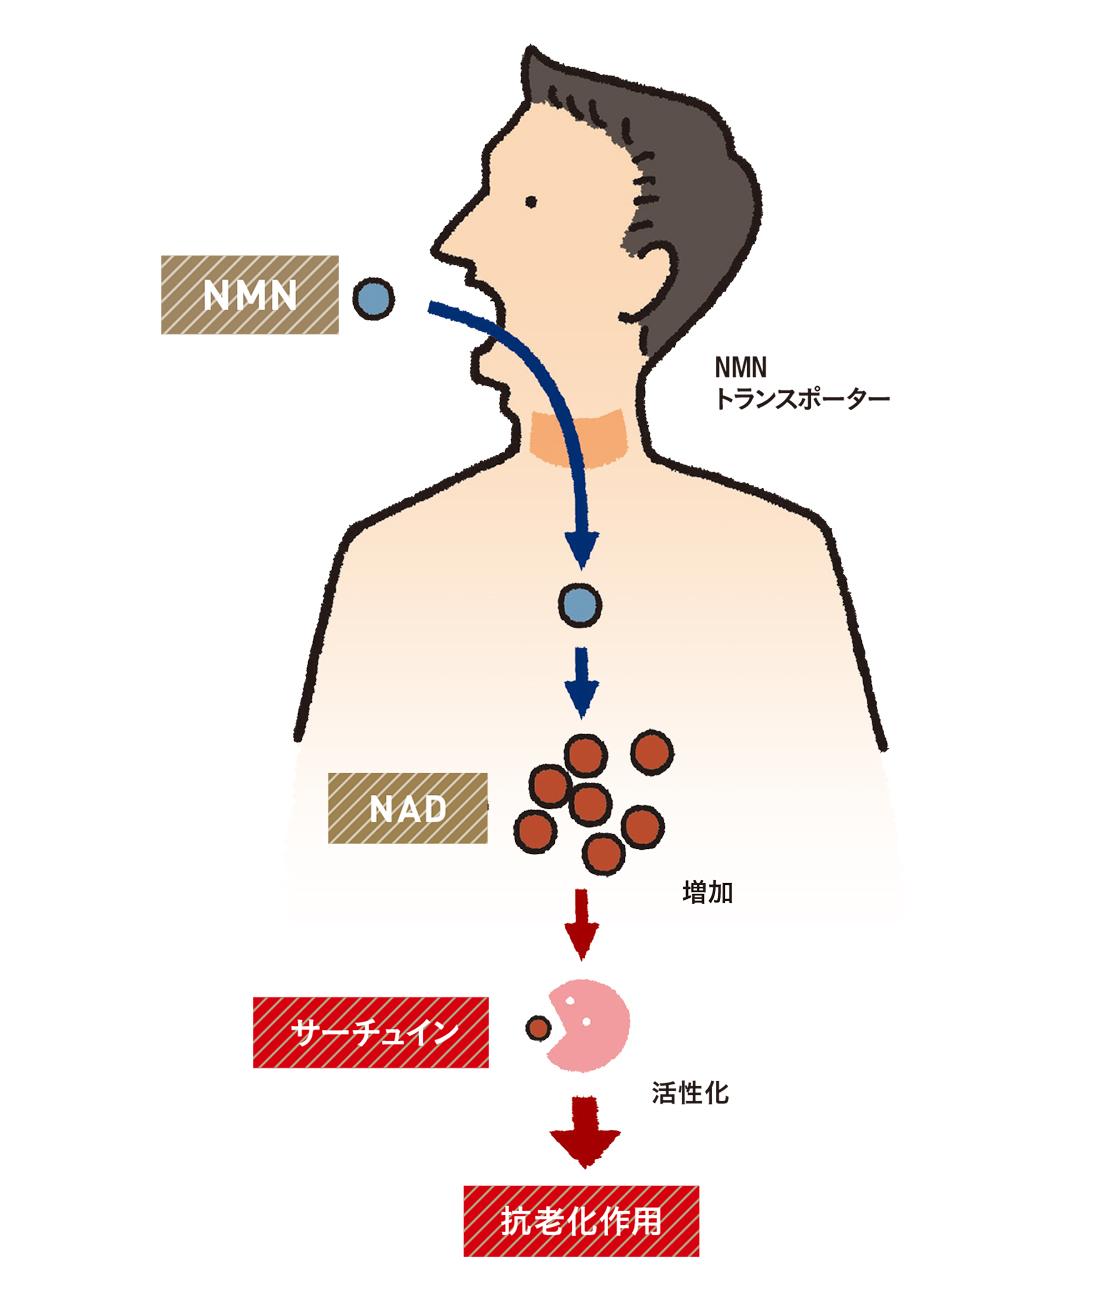 NMNが老化を制御する仕組み